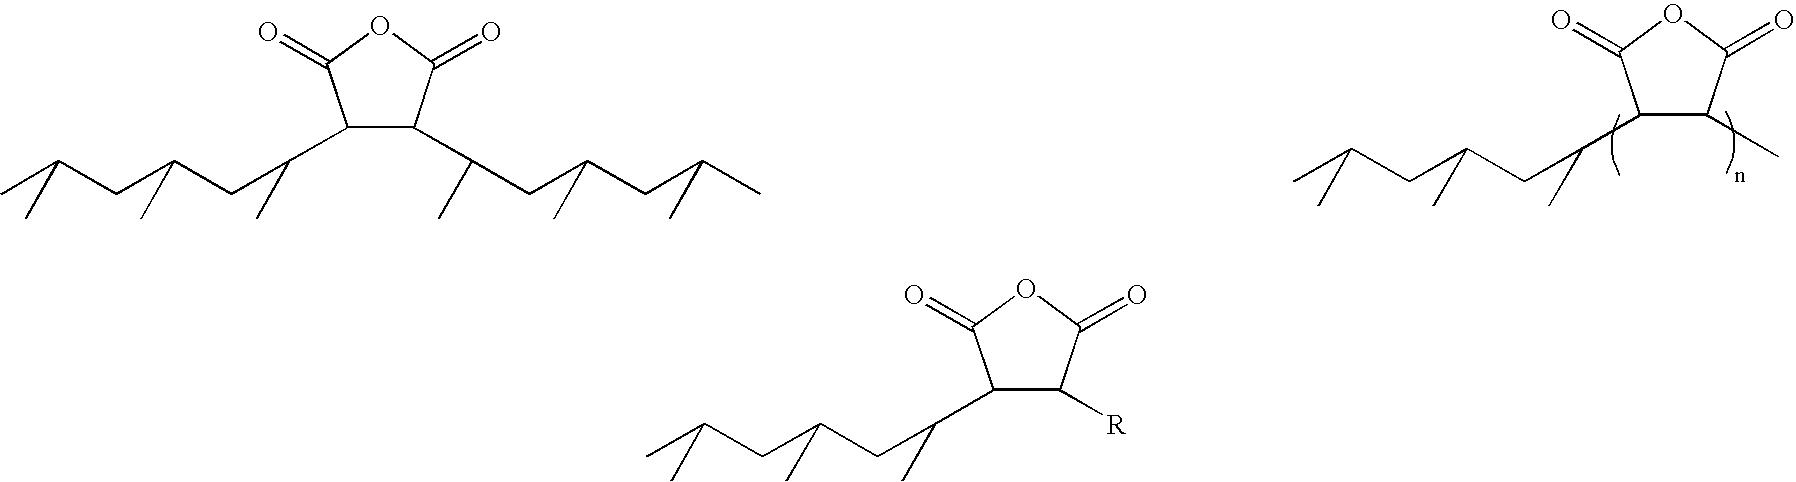 Figure US20070264520A1-20071115-C00003